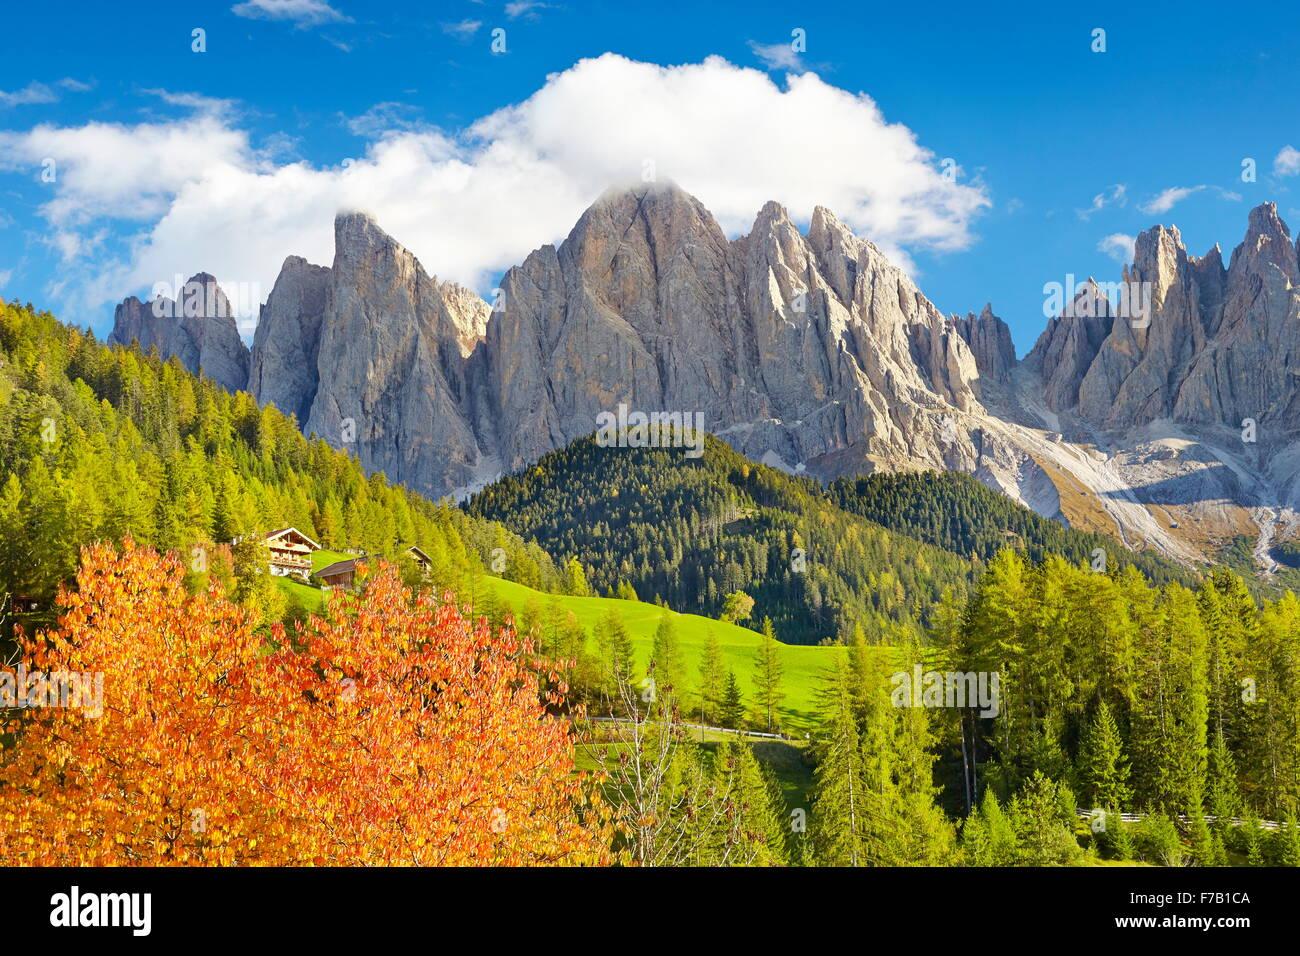 Landschaften in Dolomiten im Herbst, Südtirol Provinz, Alpen, Italien Stockbild